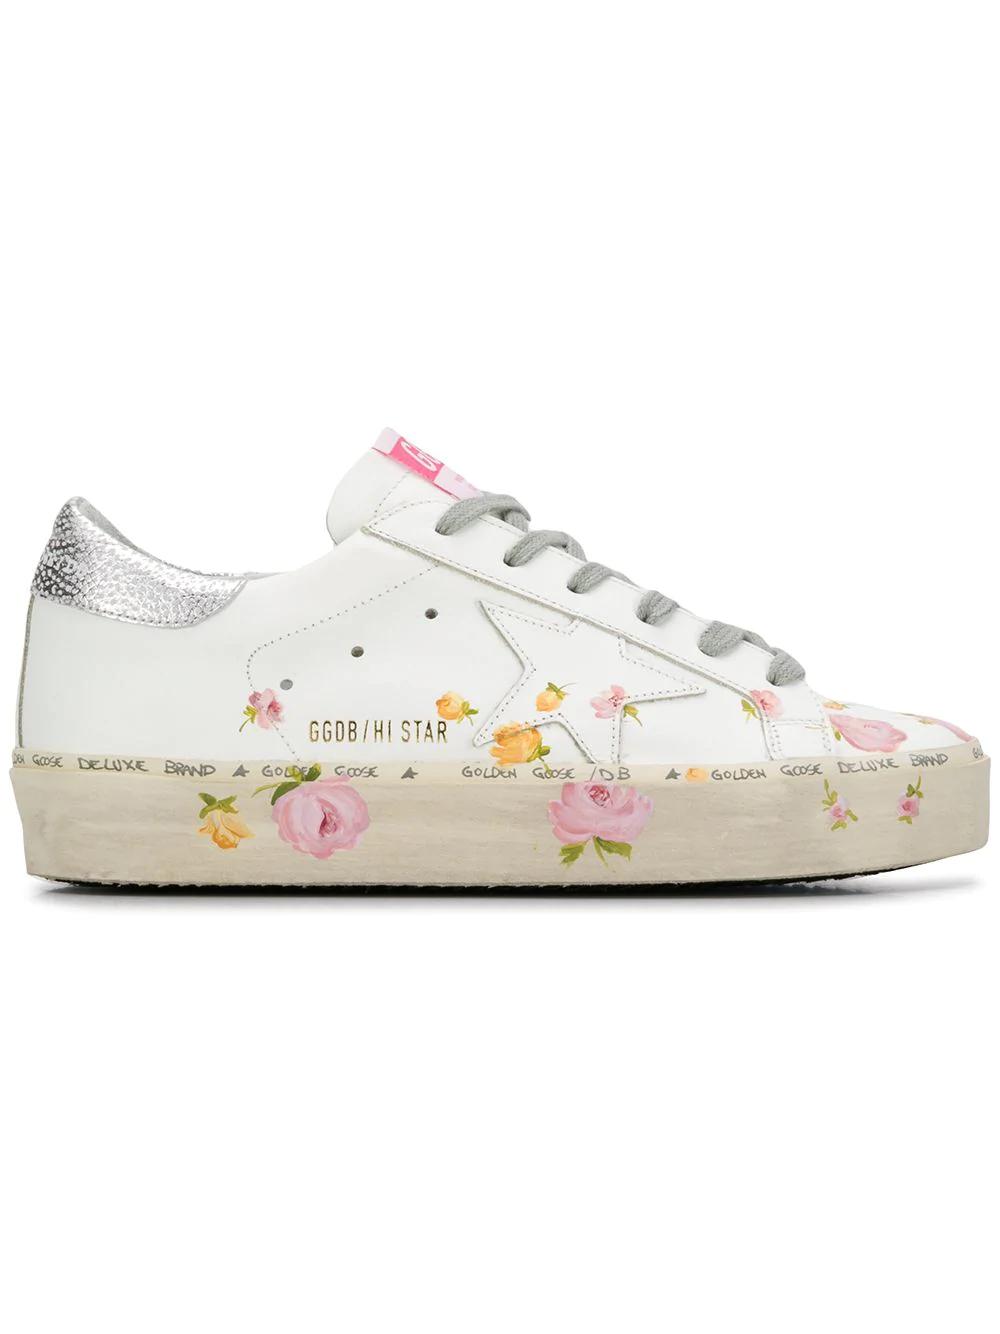 ed3df5899893 Golden Goose Hi Star Floral-Print Leather Platform Sneakers